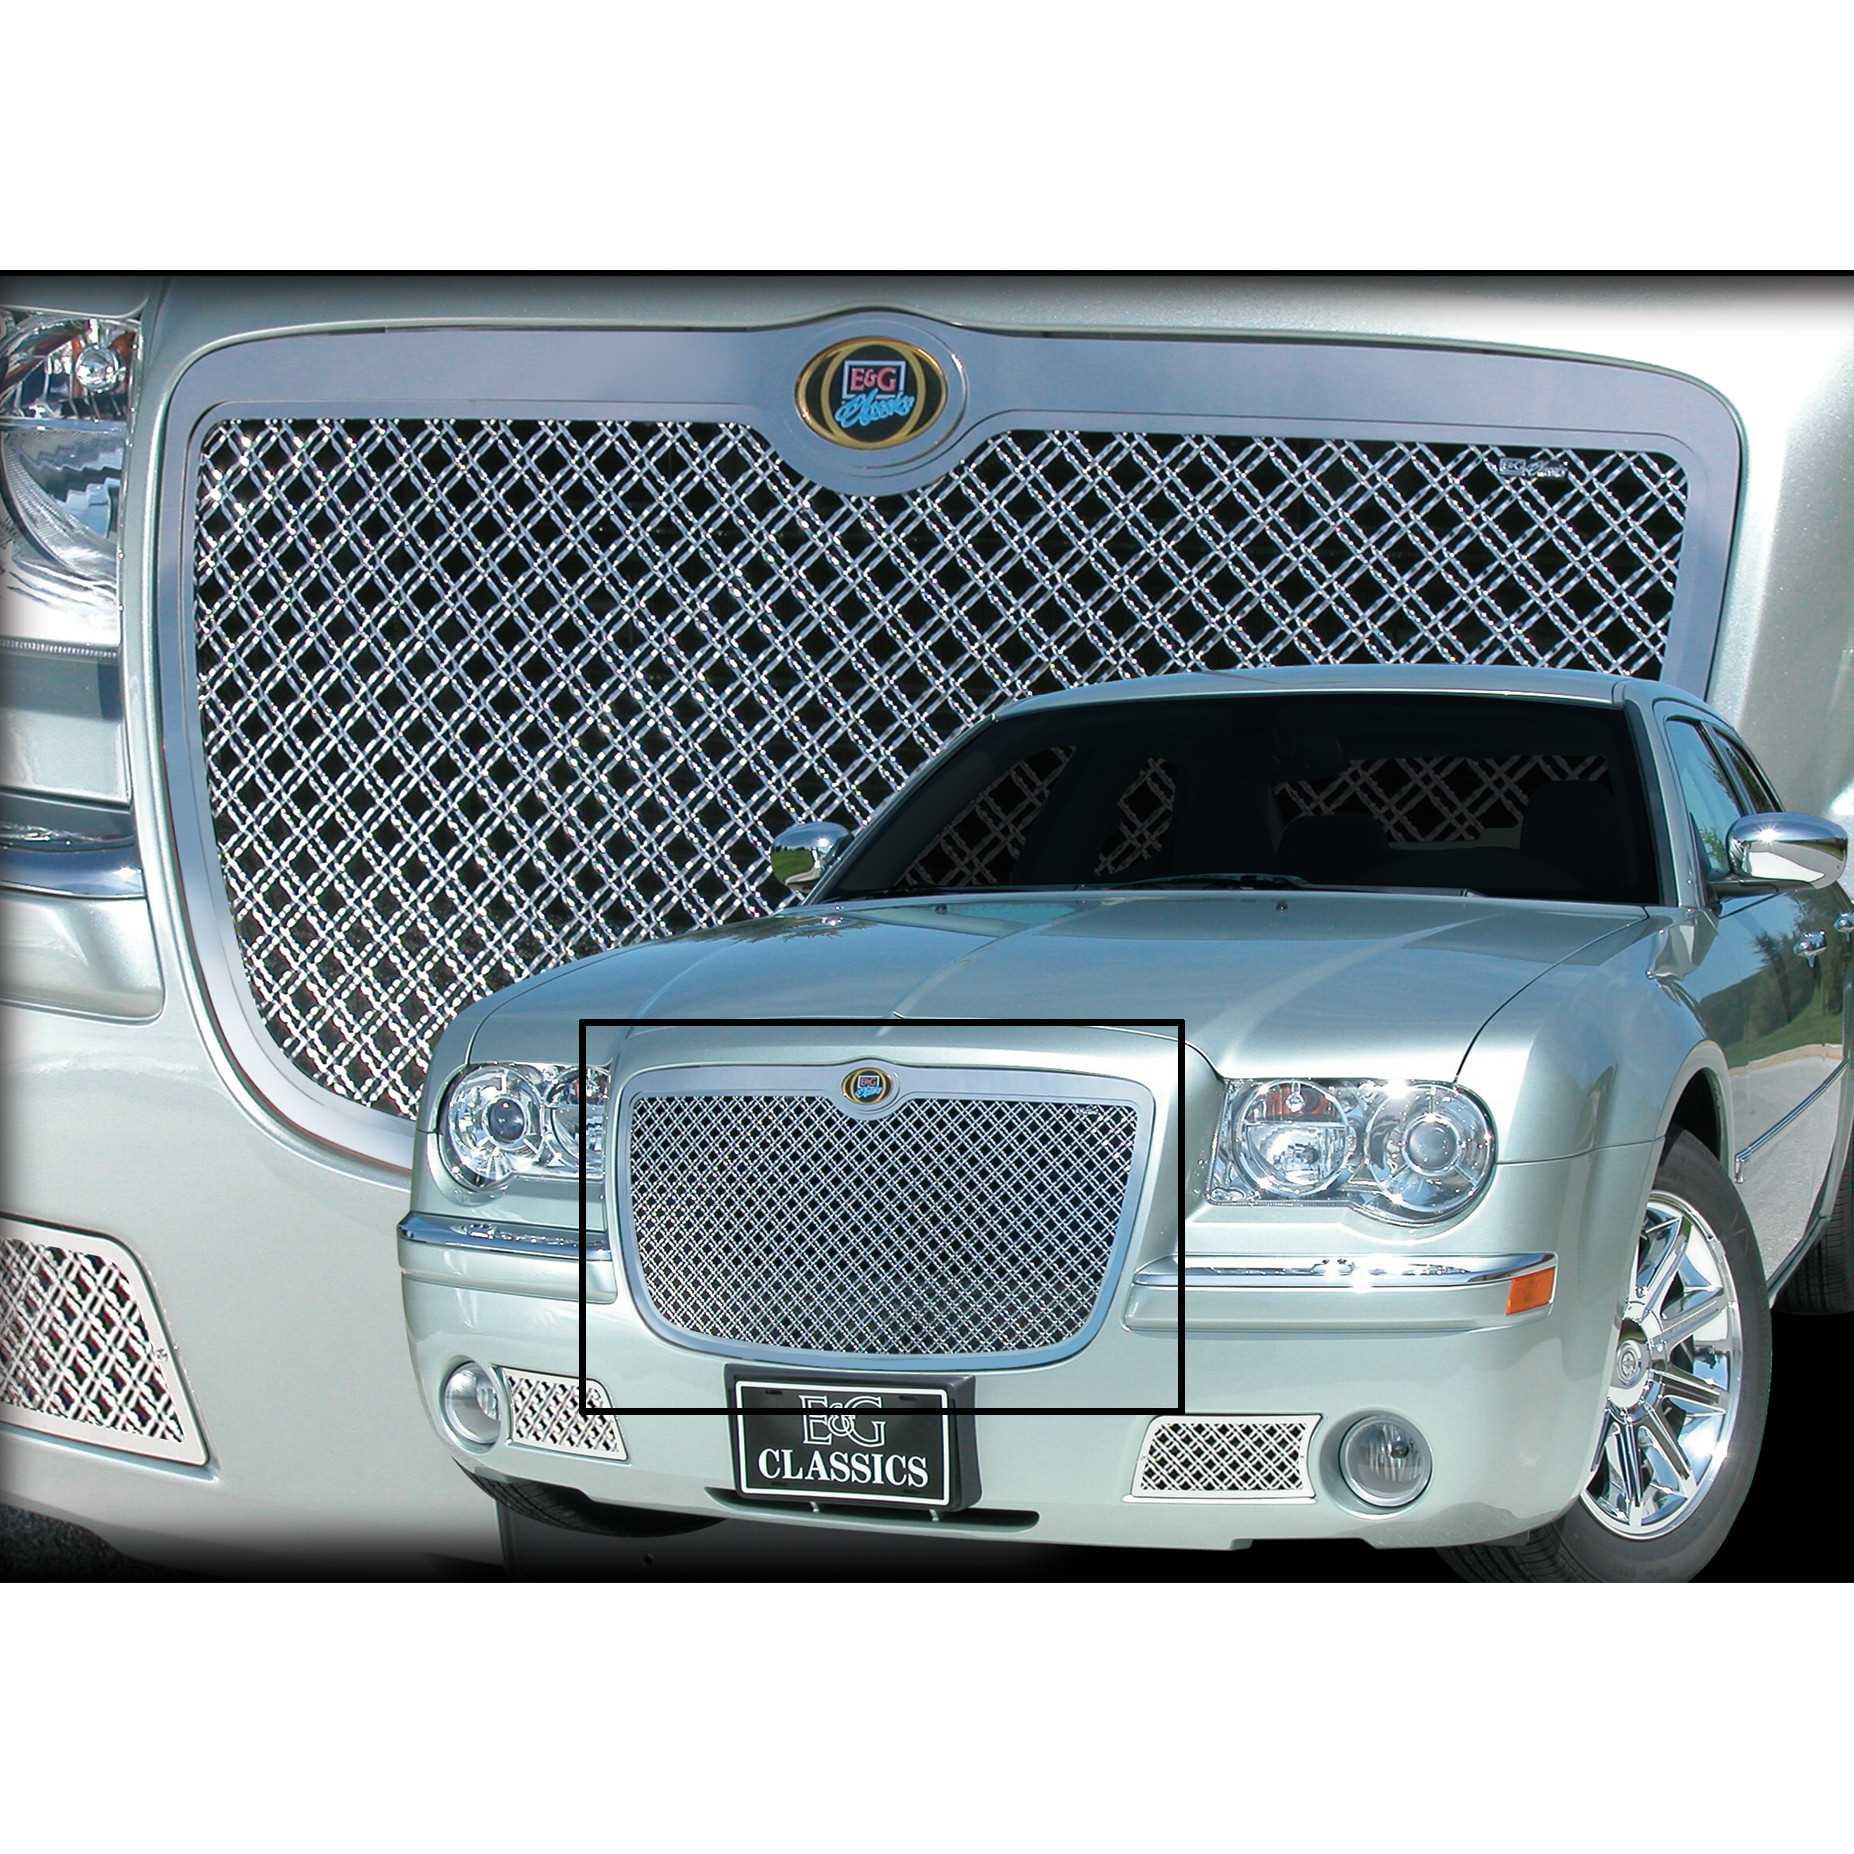 Chrysler 300C Heavy Mesh Upper Grille 1099 0104 05D